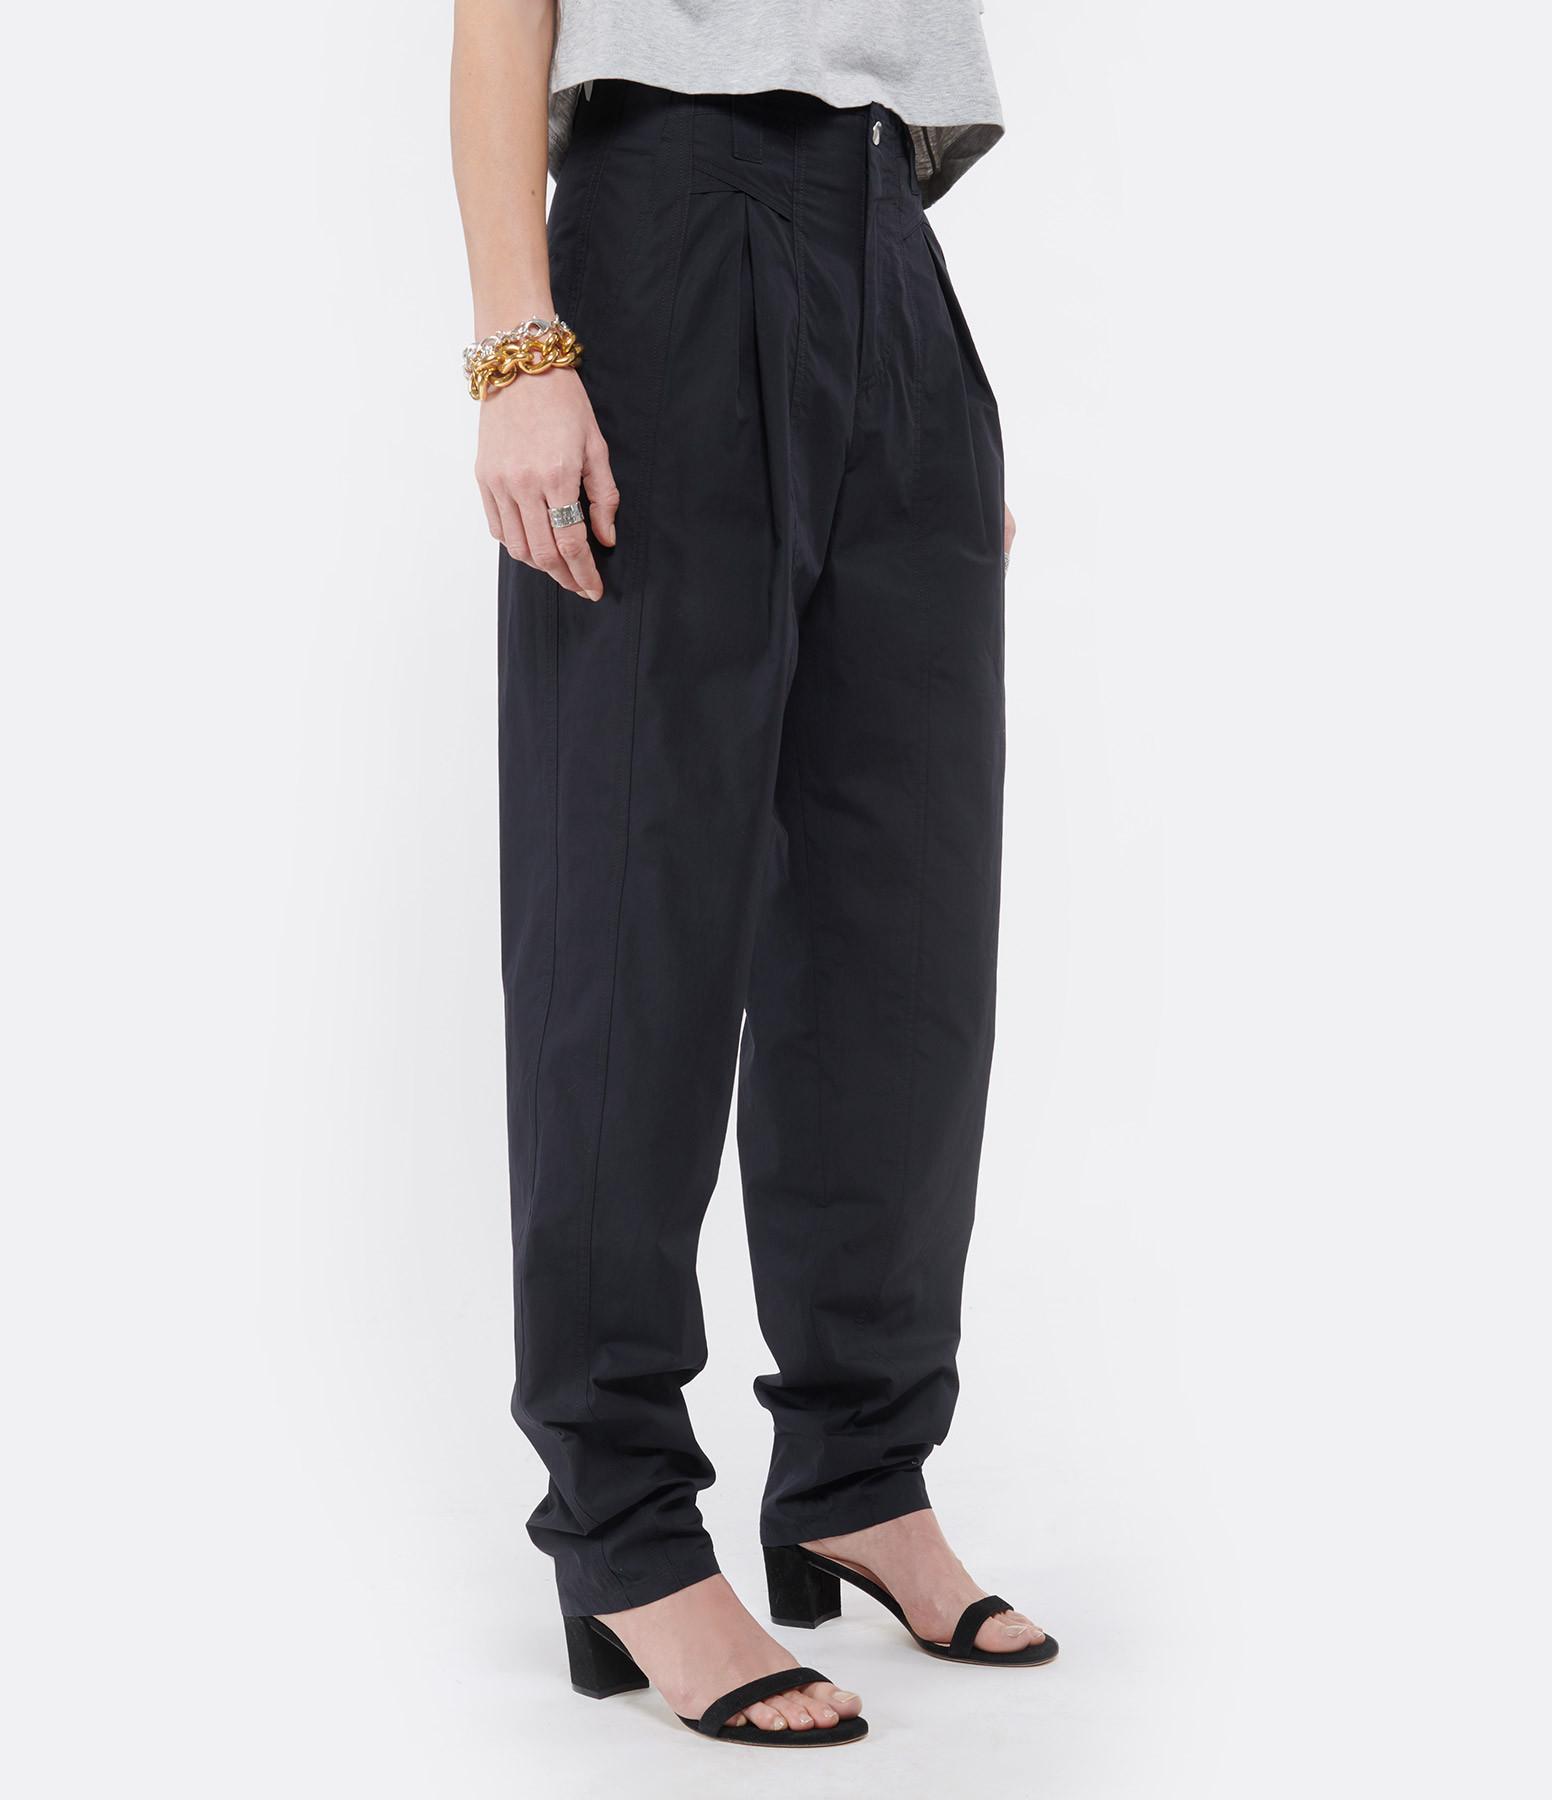 ISABEL MARANT - Pantalon Kilandy Coton Noir